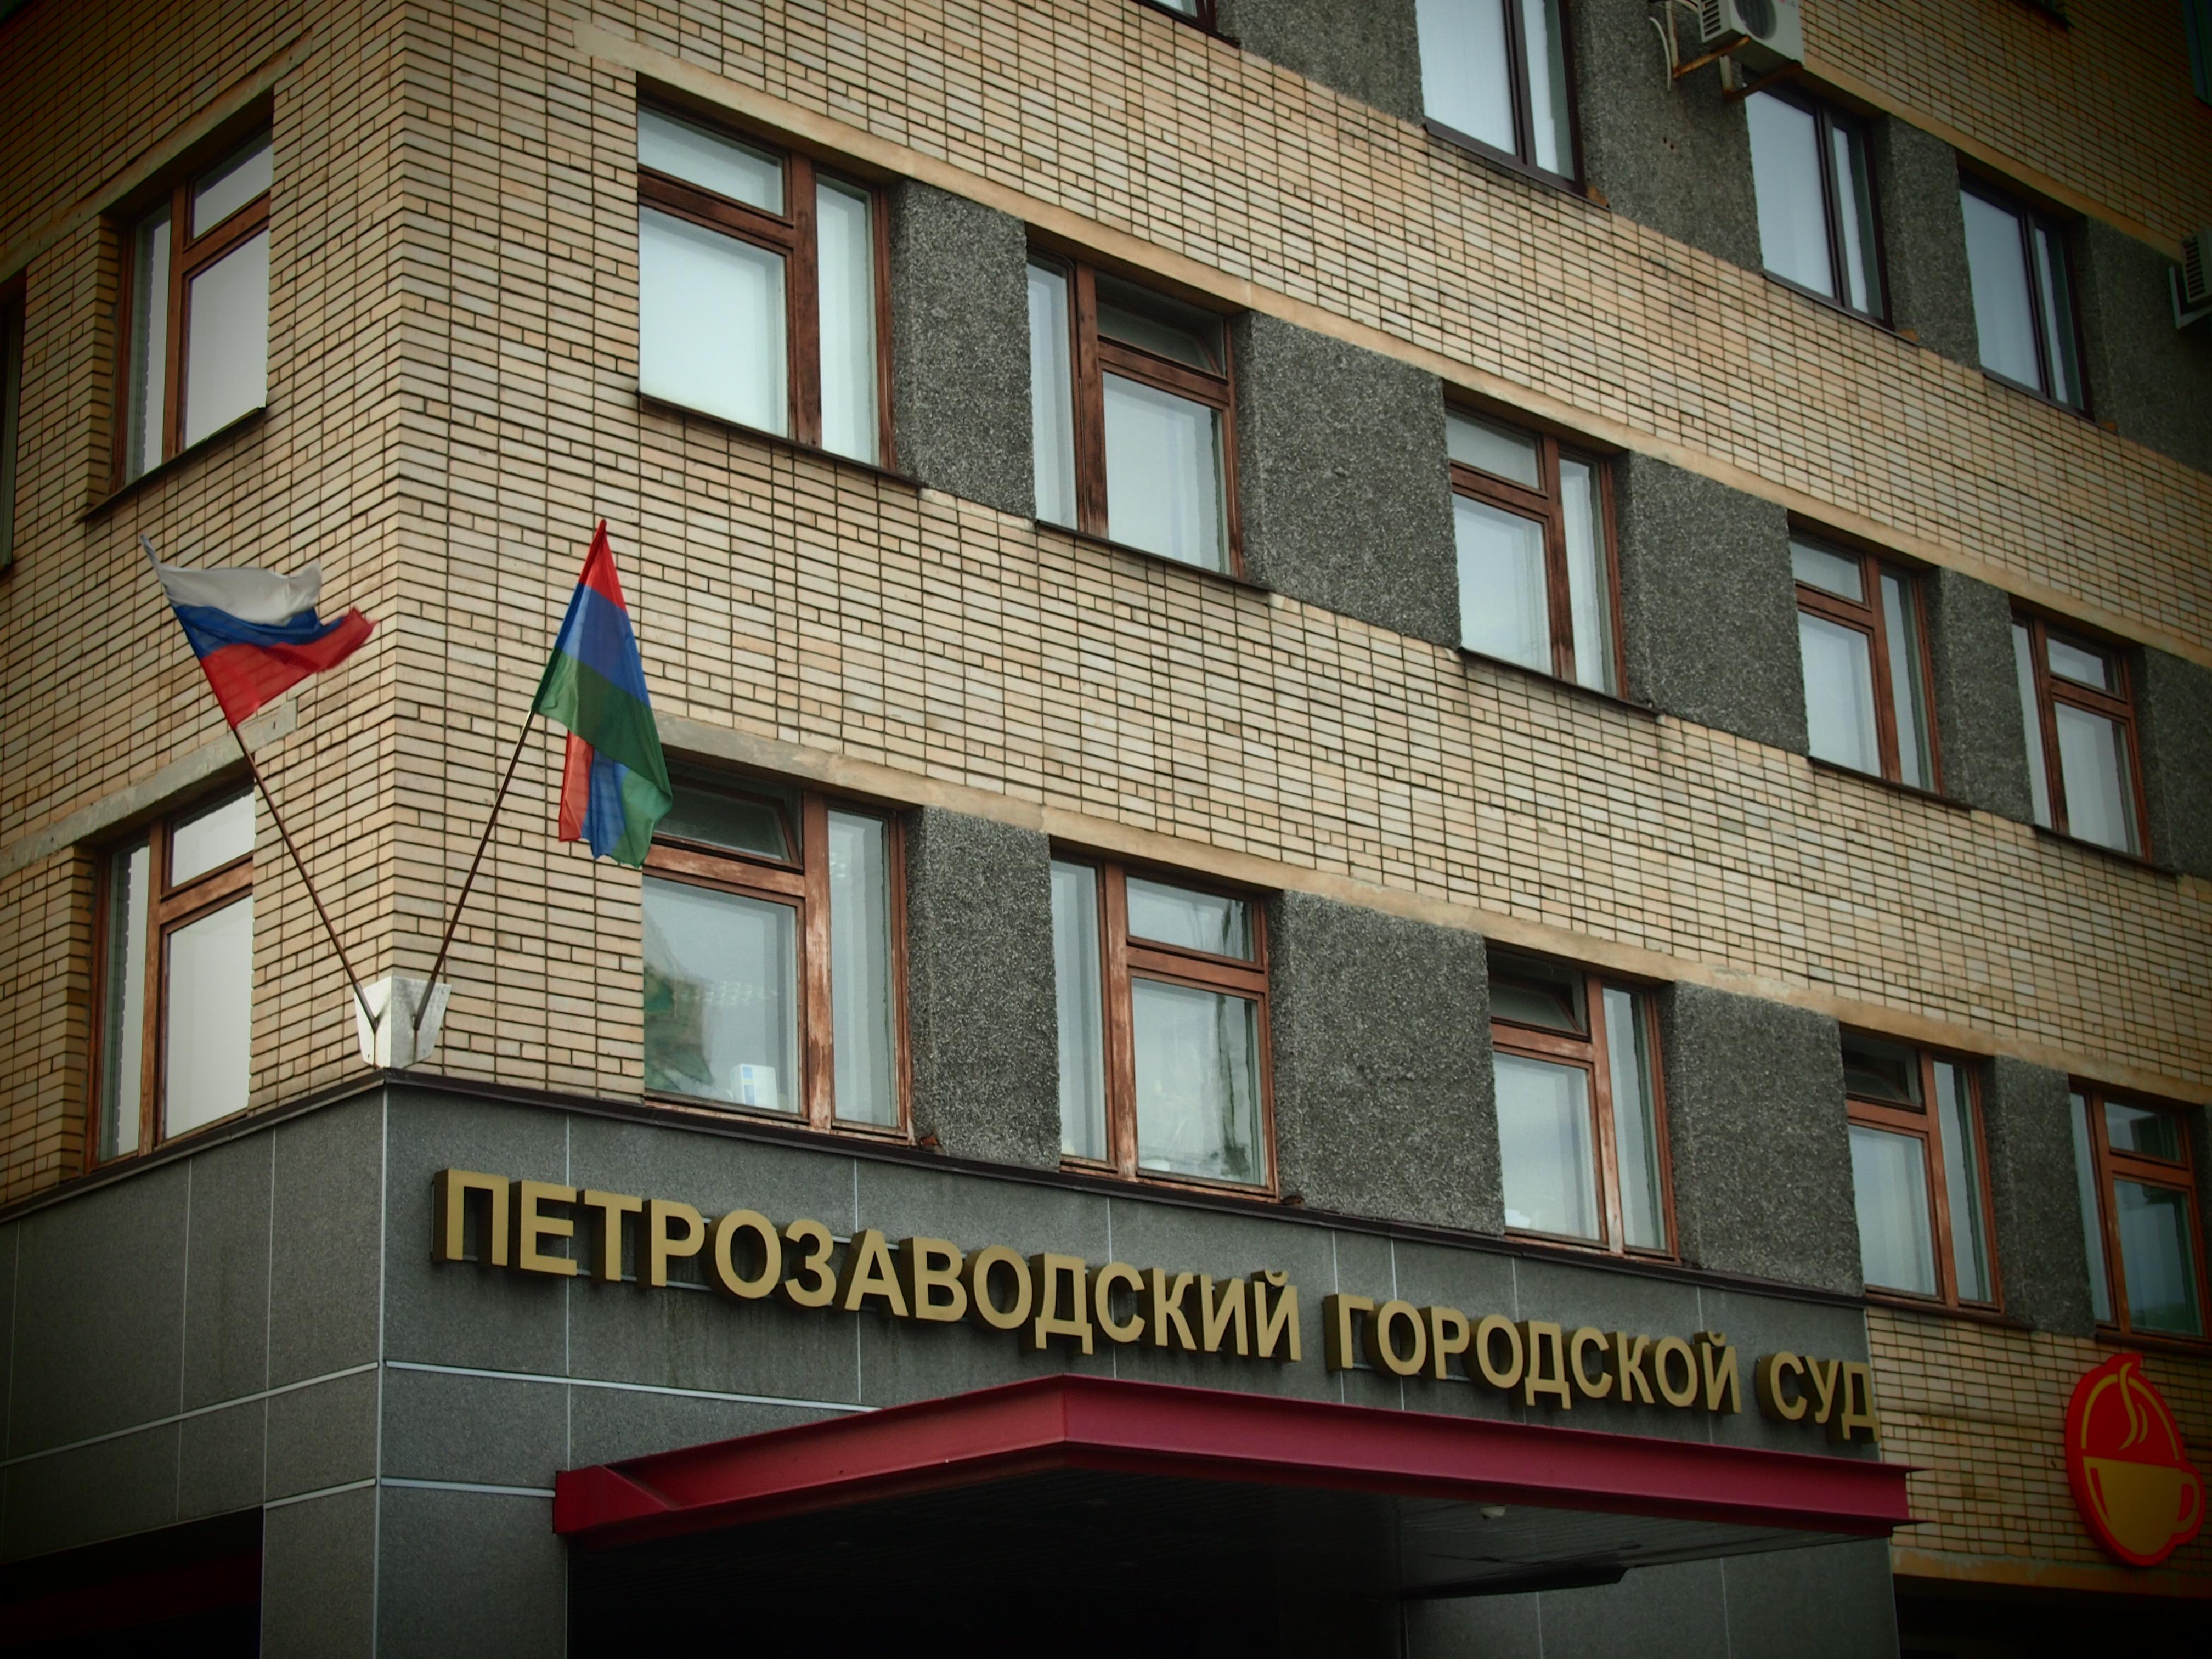 Городской суд Петрозаводска. Фото: Валерий Поташов